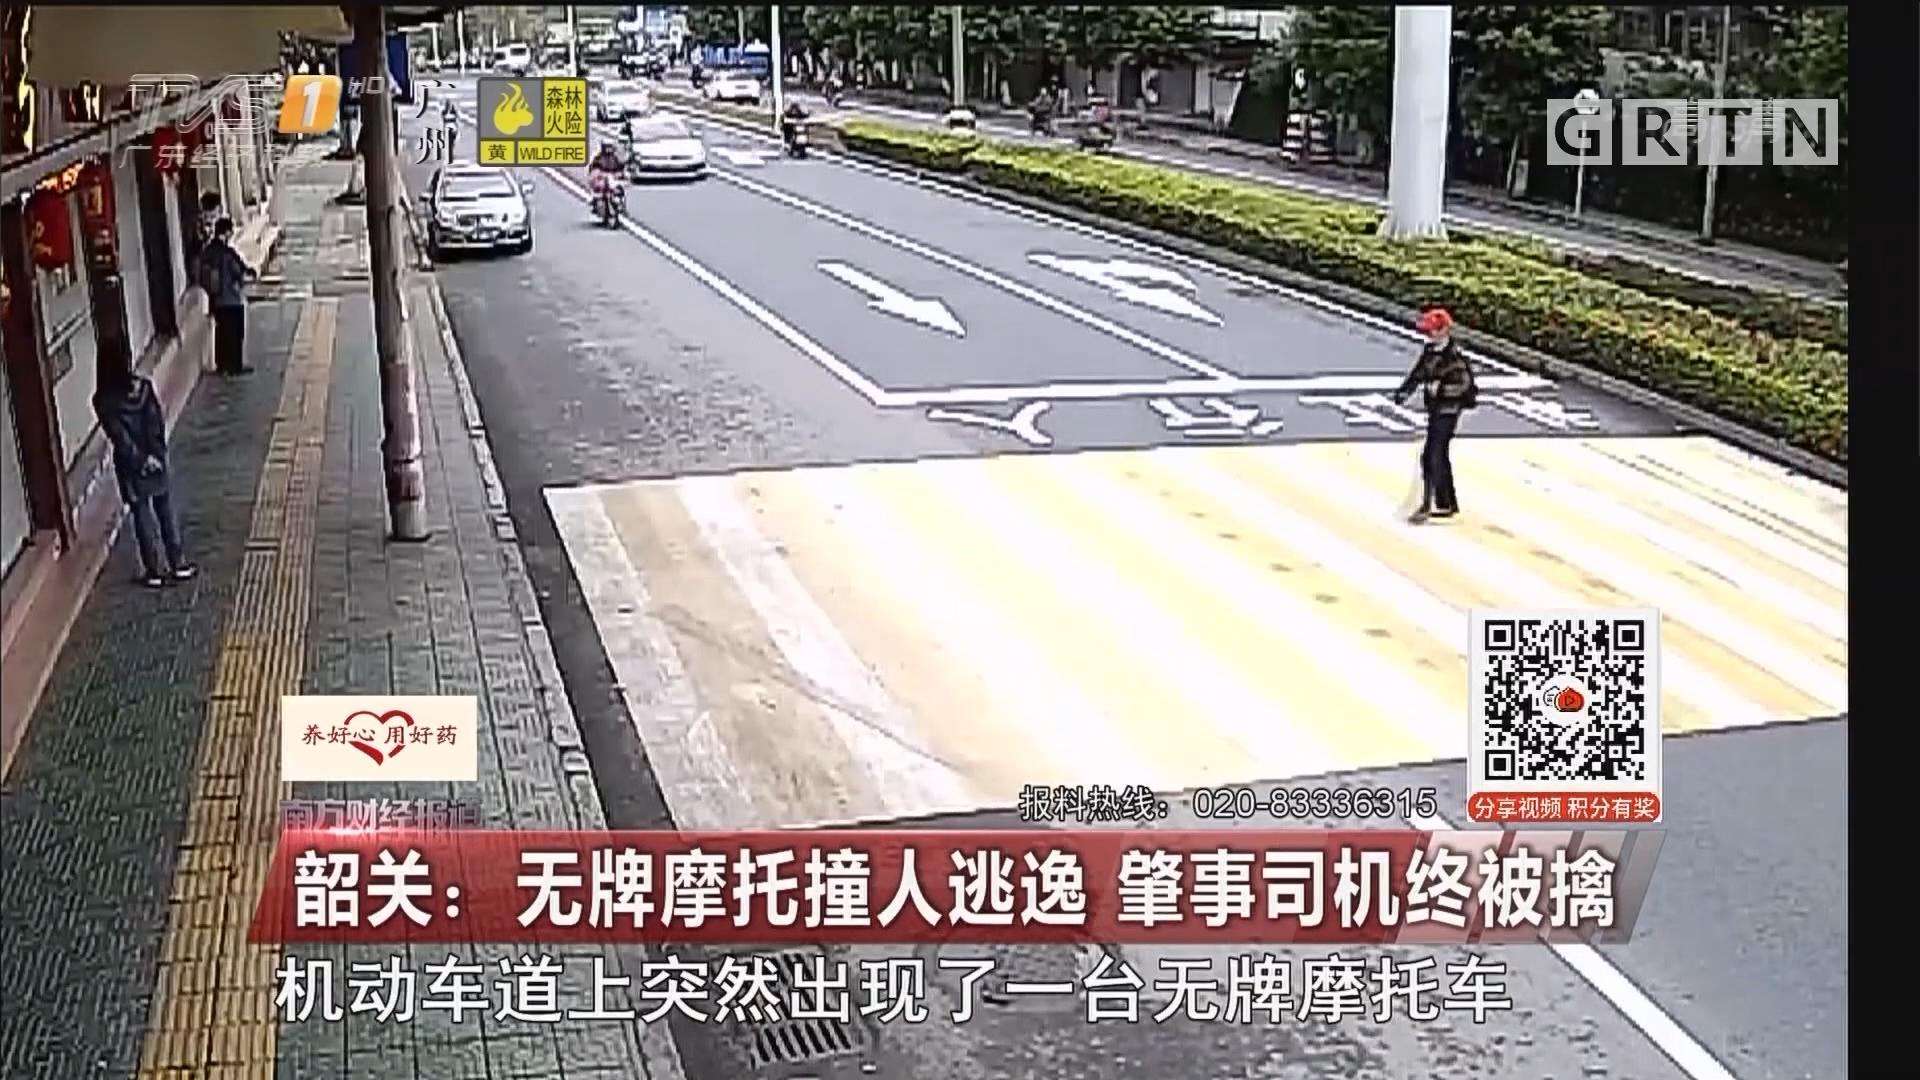 韶关:无牌摩托撞人逃逸 肇事司机终被擒